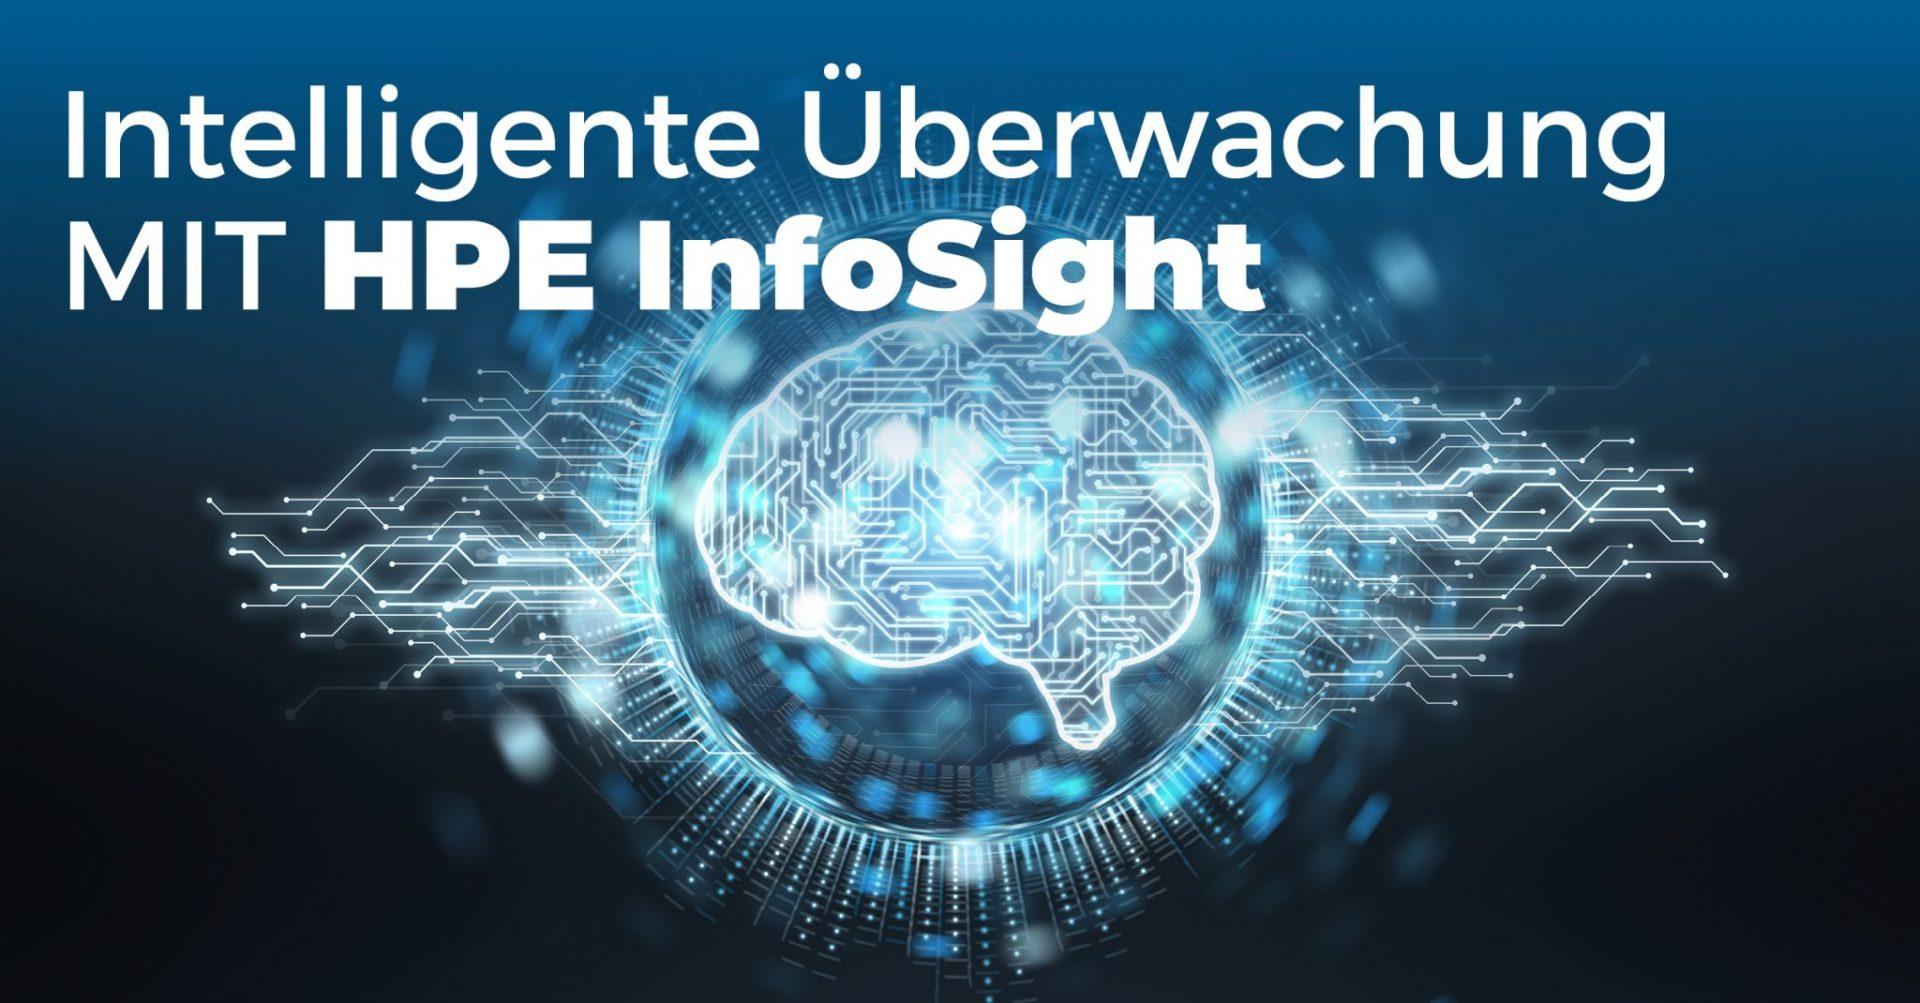 Mit HPE Infosight die HPE Infrastruktur überwachen